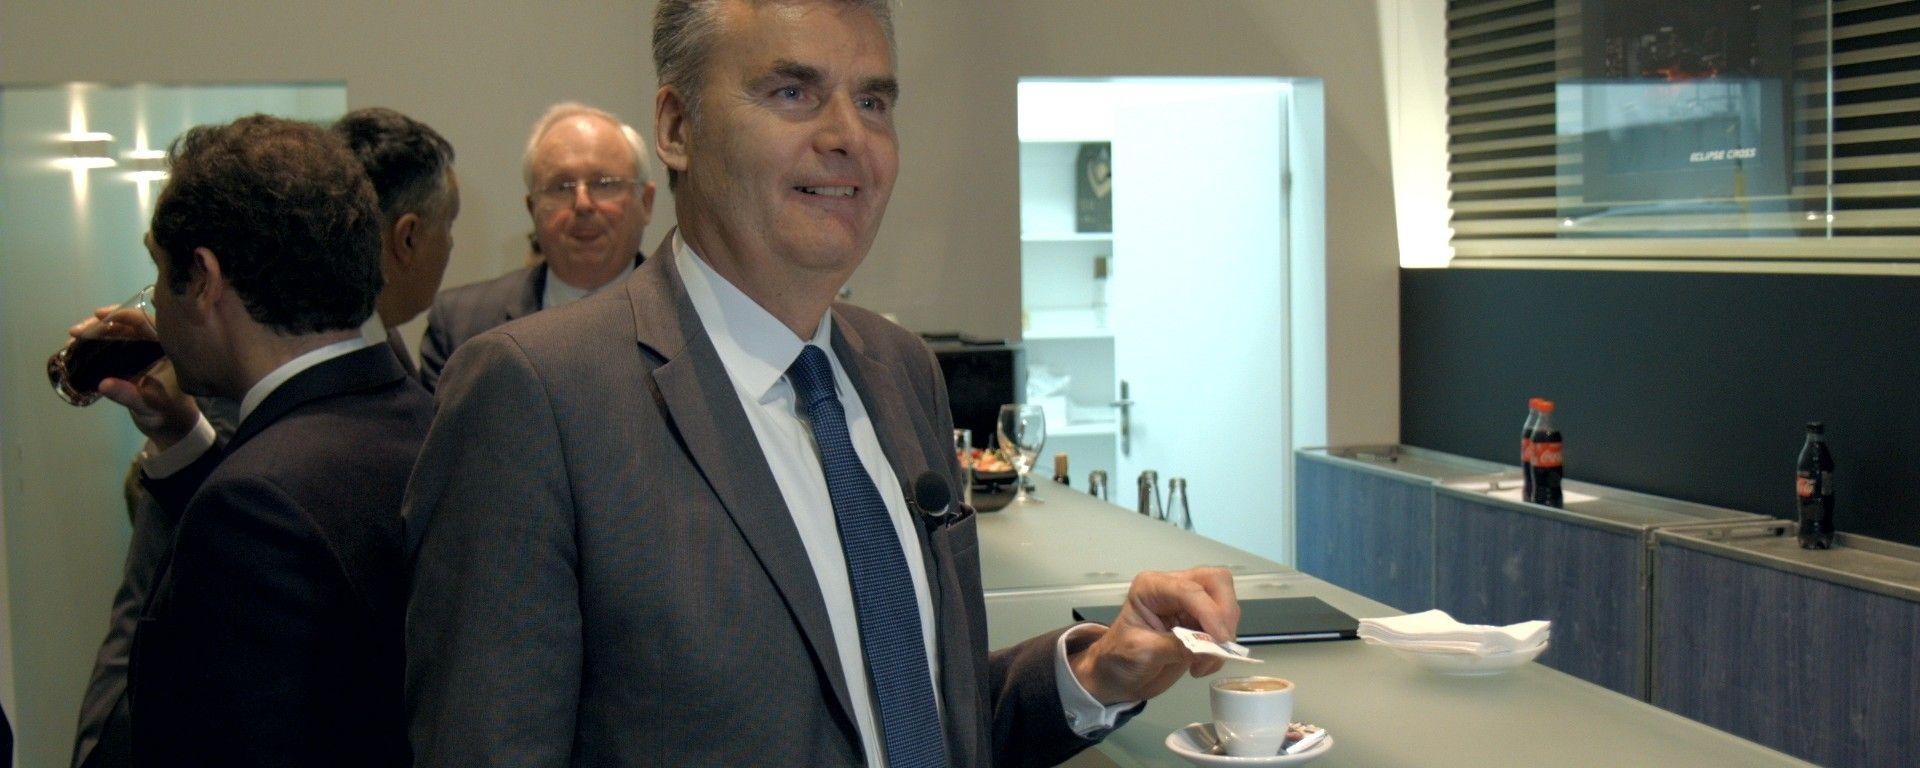 Moreno Seveso, Direttore Generale di Mitsubishi Motors Italia